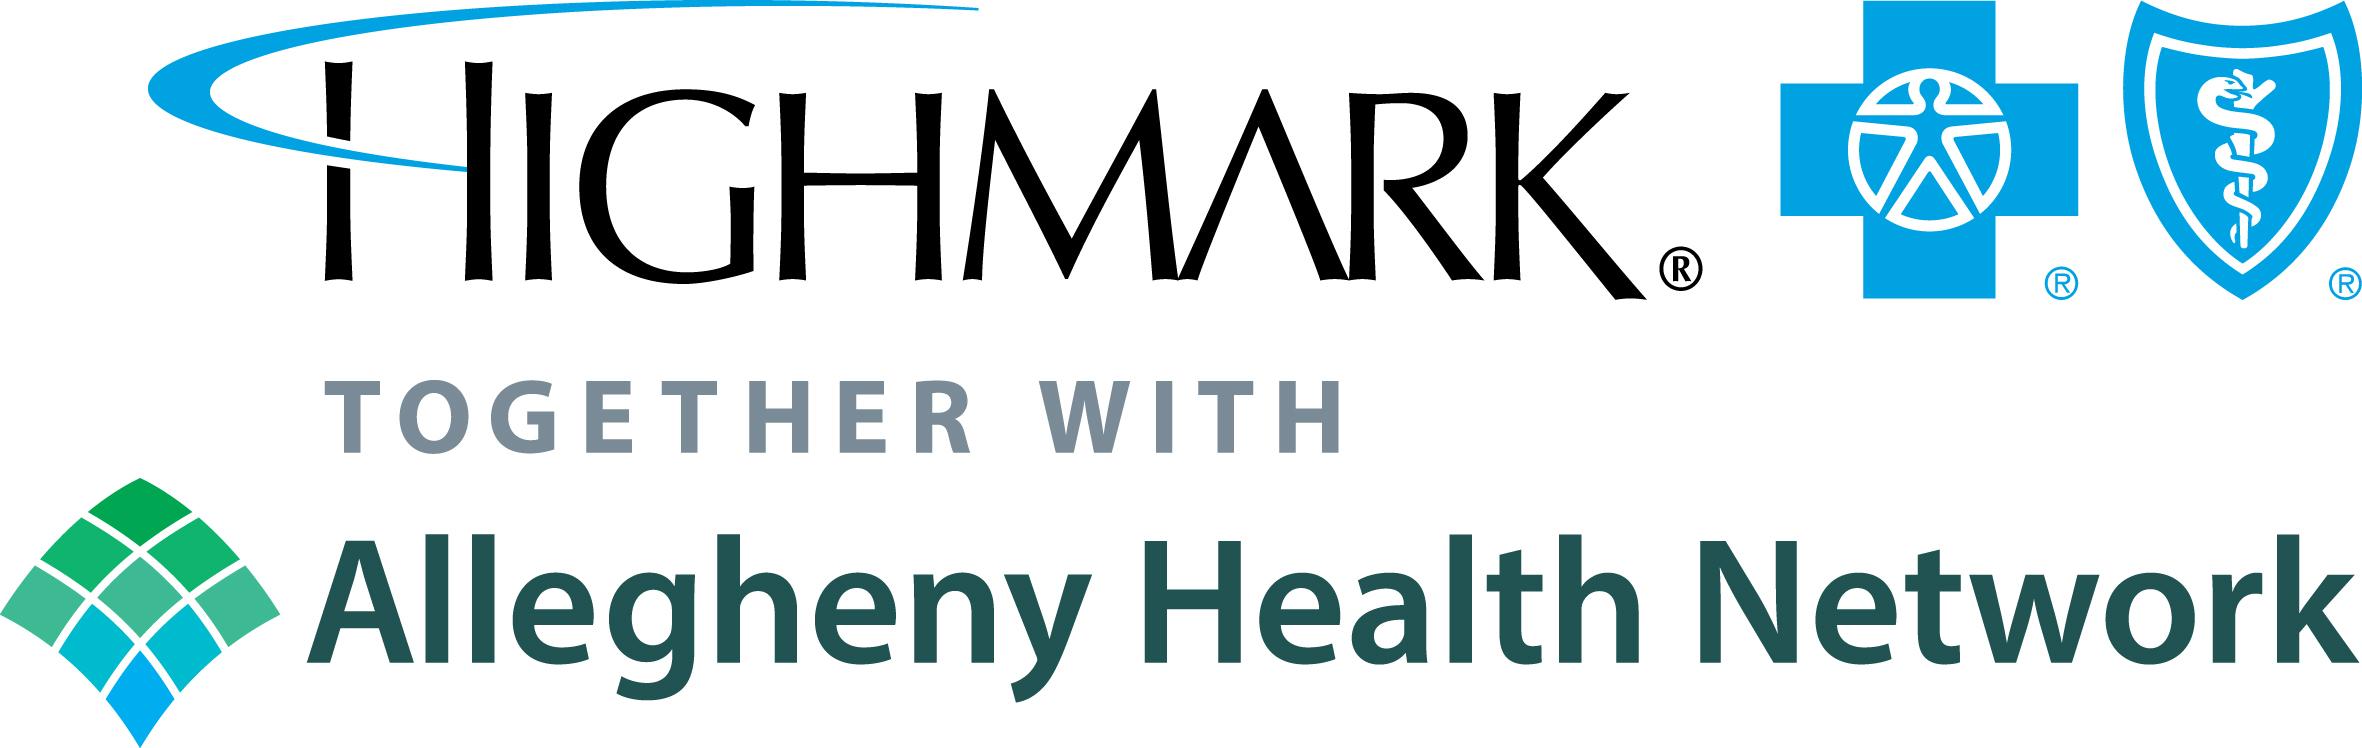 allegheny-health-network-highmark-bcbs.jpg